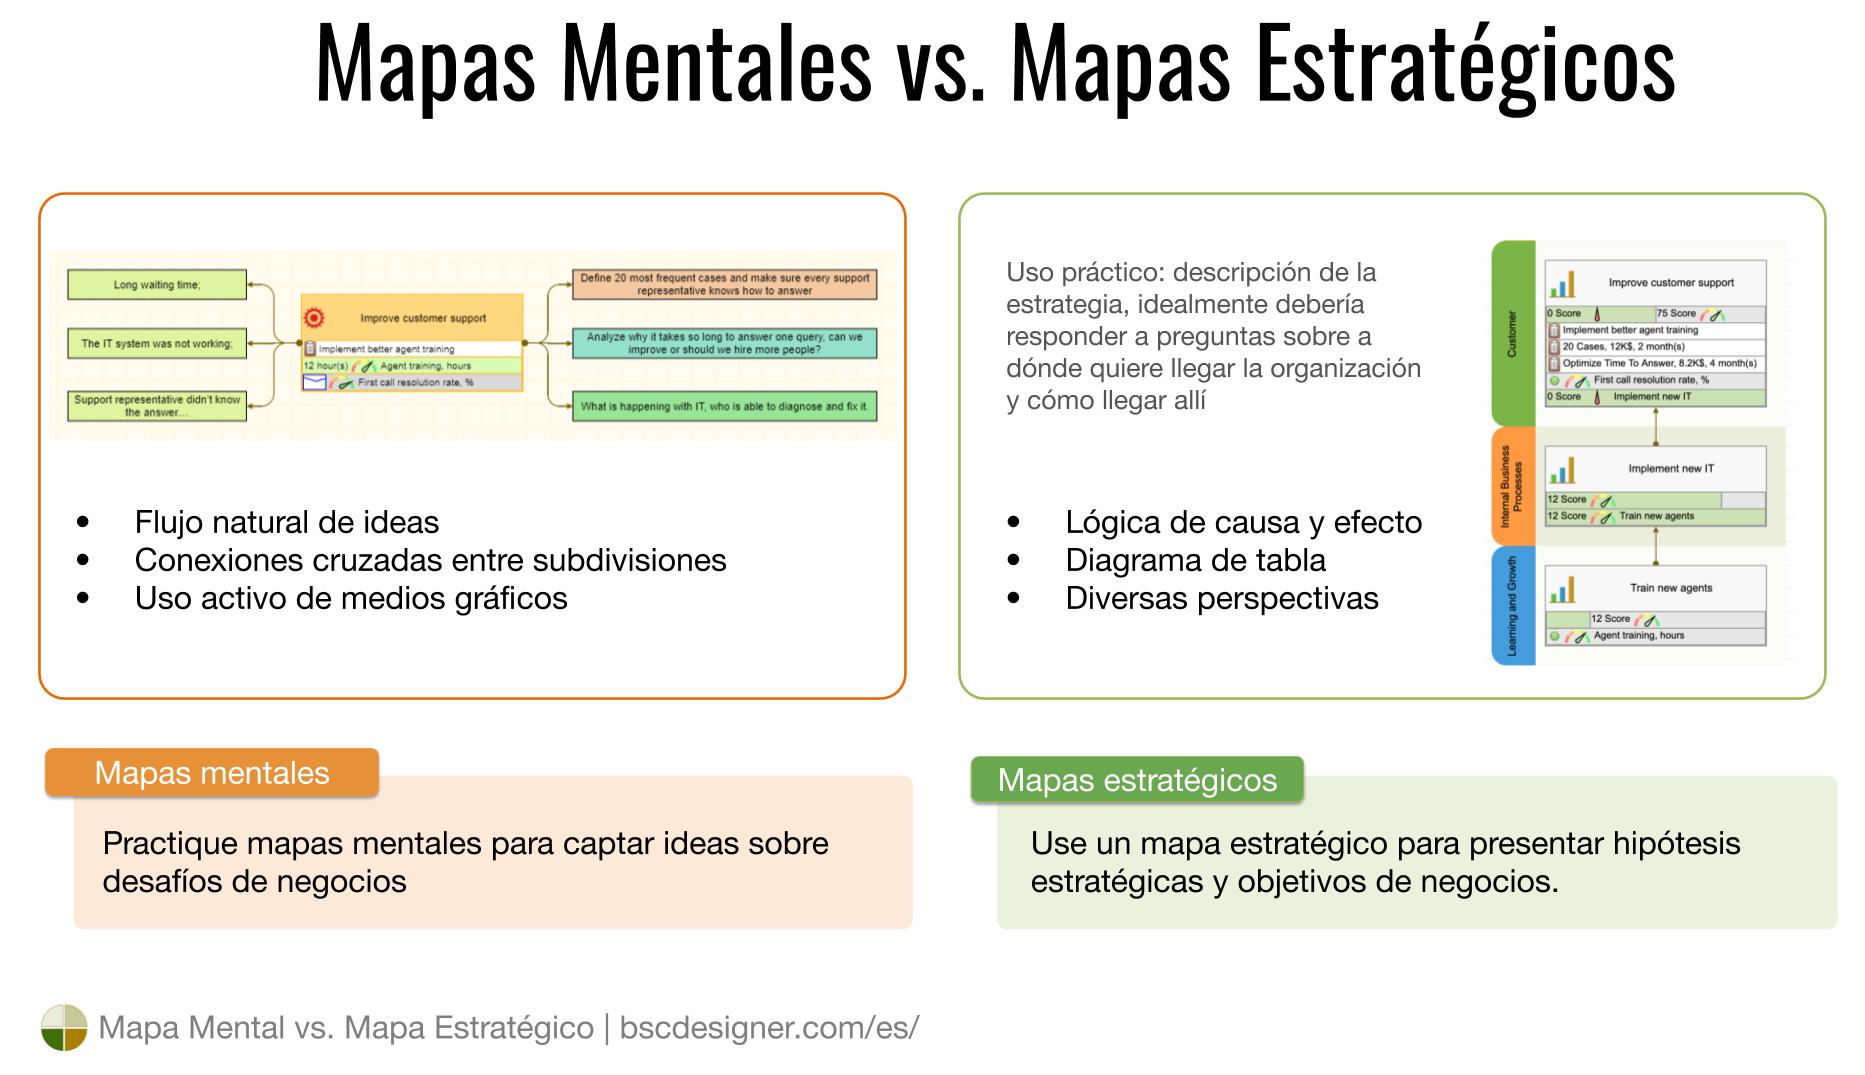 Capture ideas aleatorias con un mapa mental y presente los objetivos de negocios con lógica de causa y efecto en un mapa estratégico.